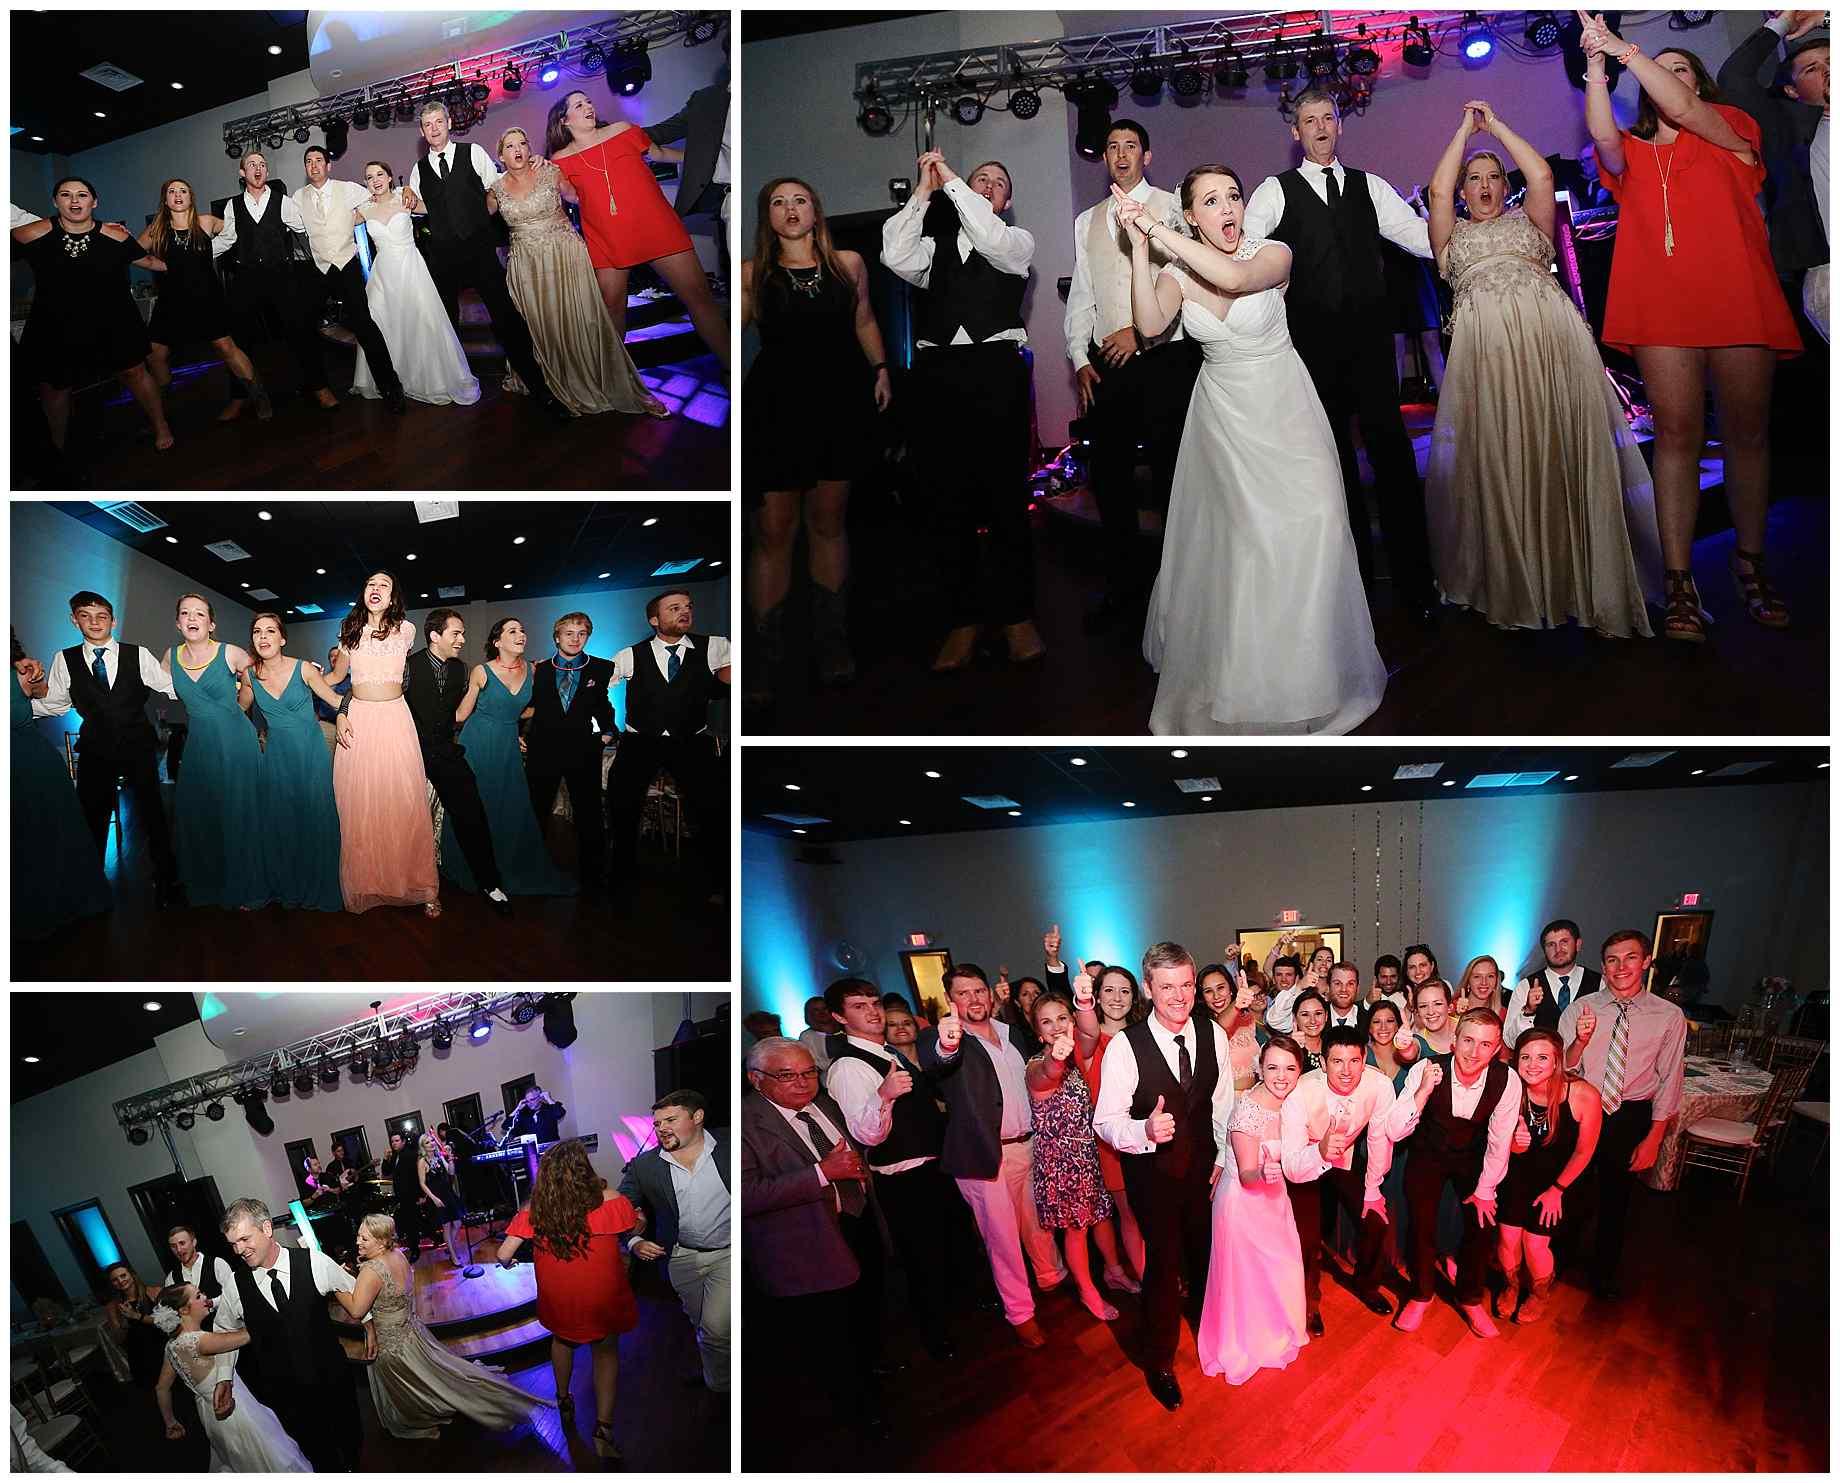 landing-event-center-joshua-farms-wedding-photos-030